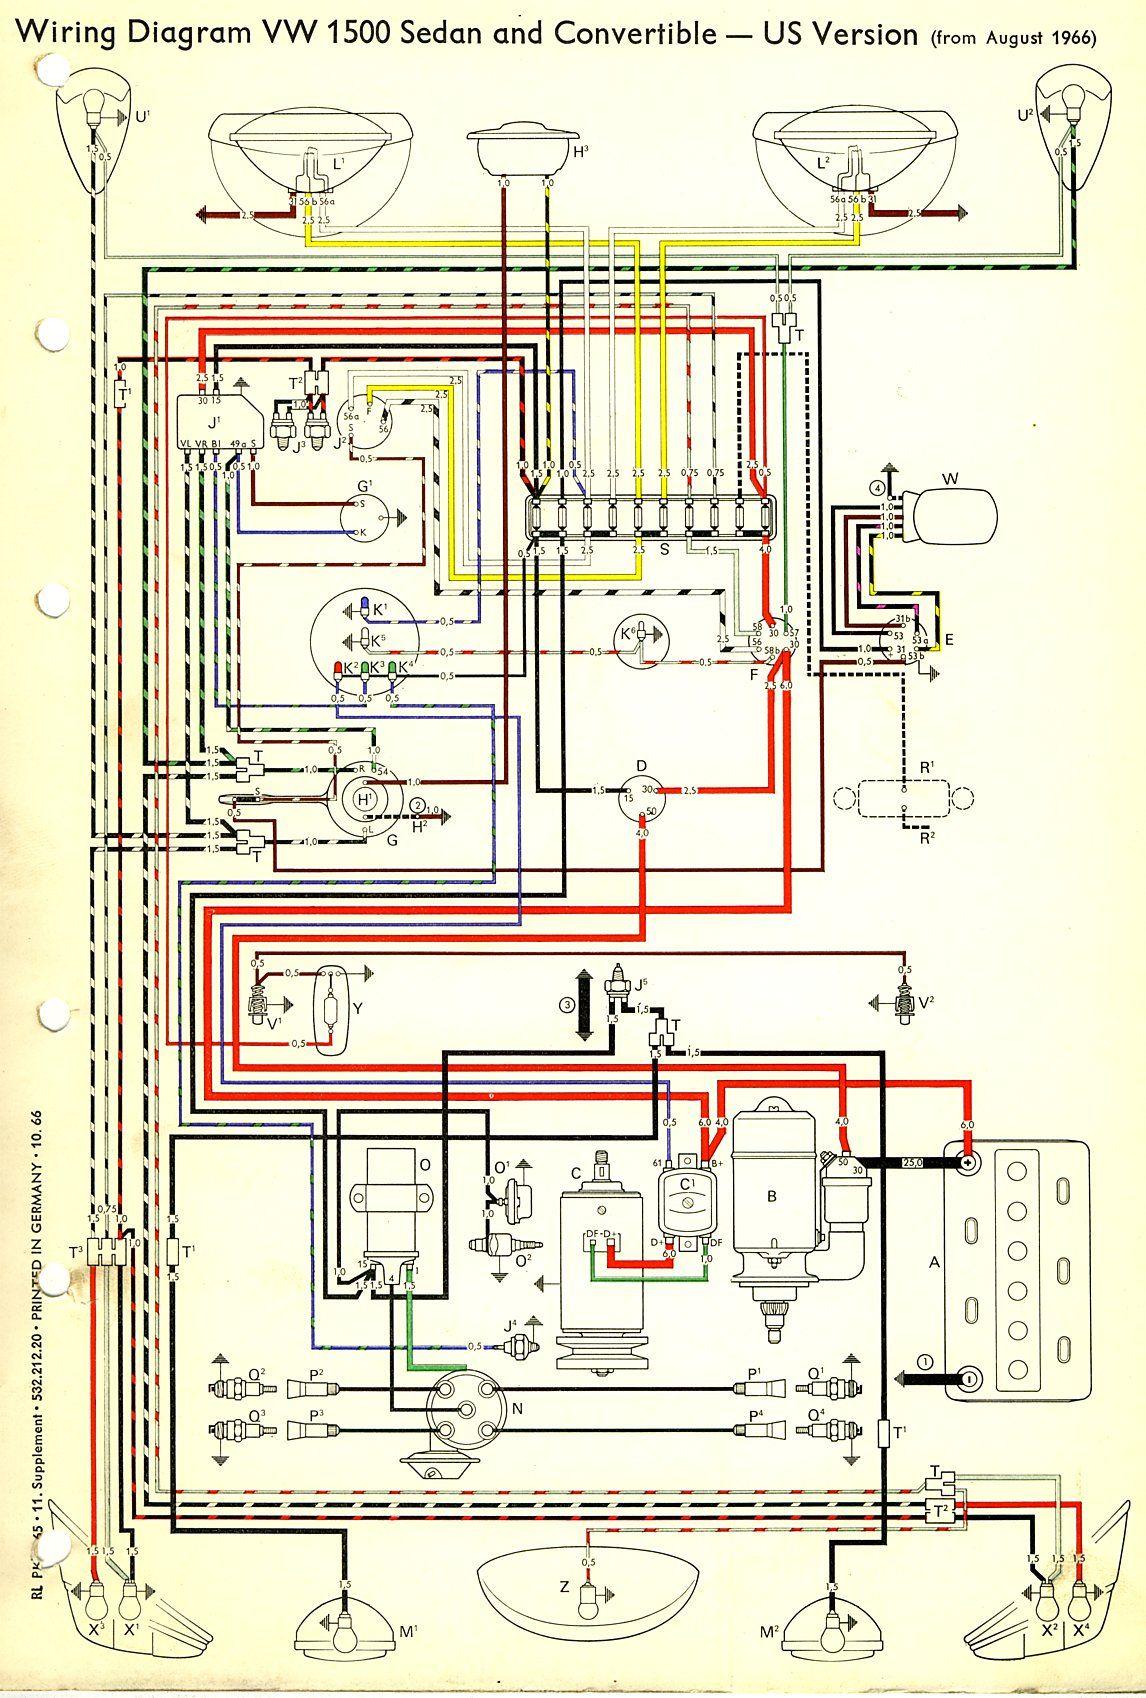 1967 Beetle Wiring Diagram Usa Vw Super Beetle Volkswagen Beetle Vw Beetles